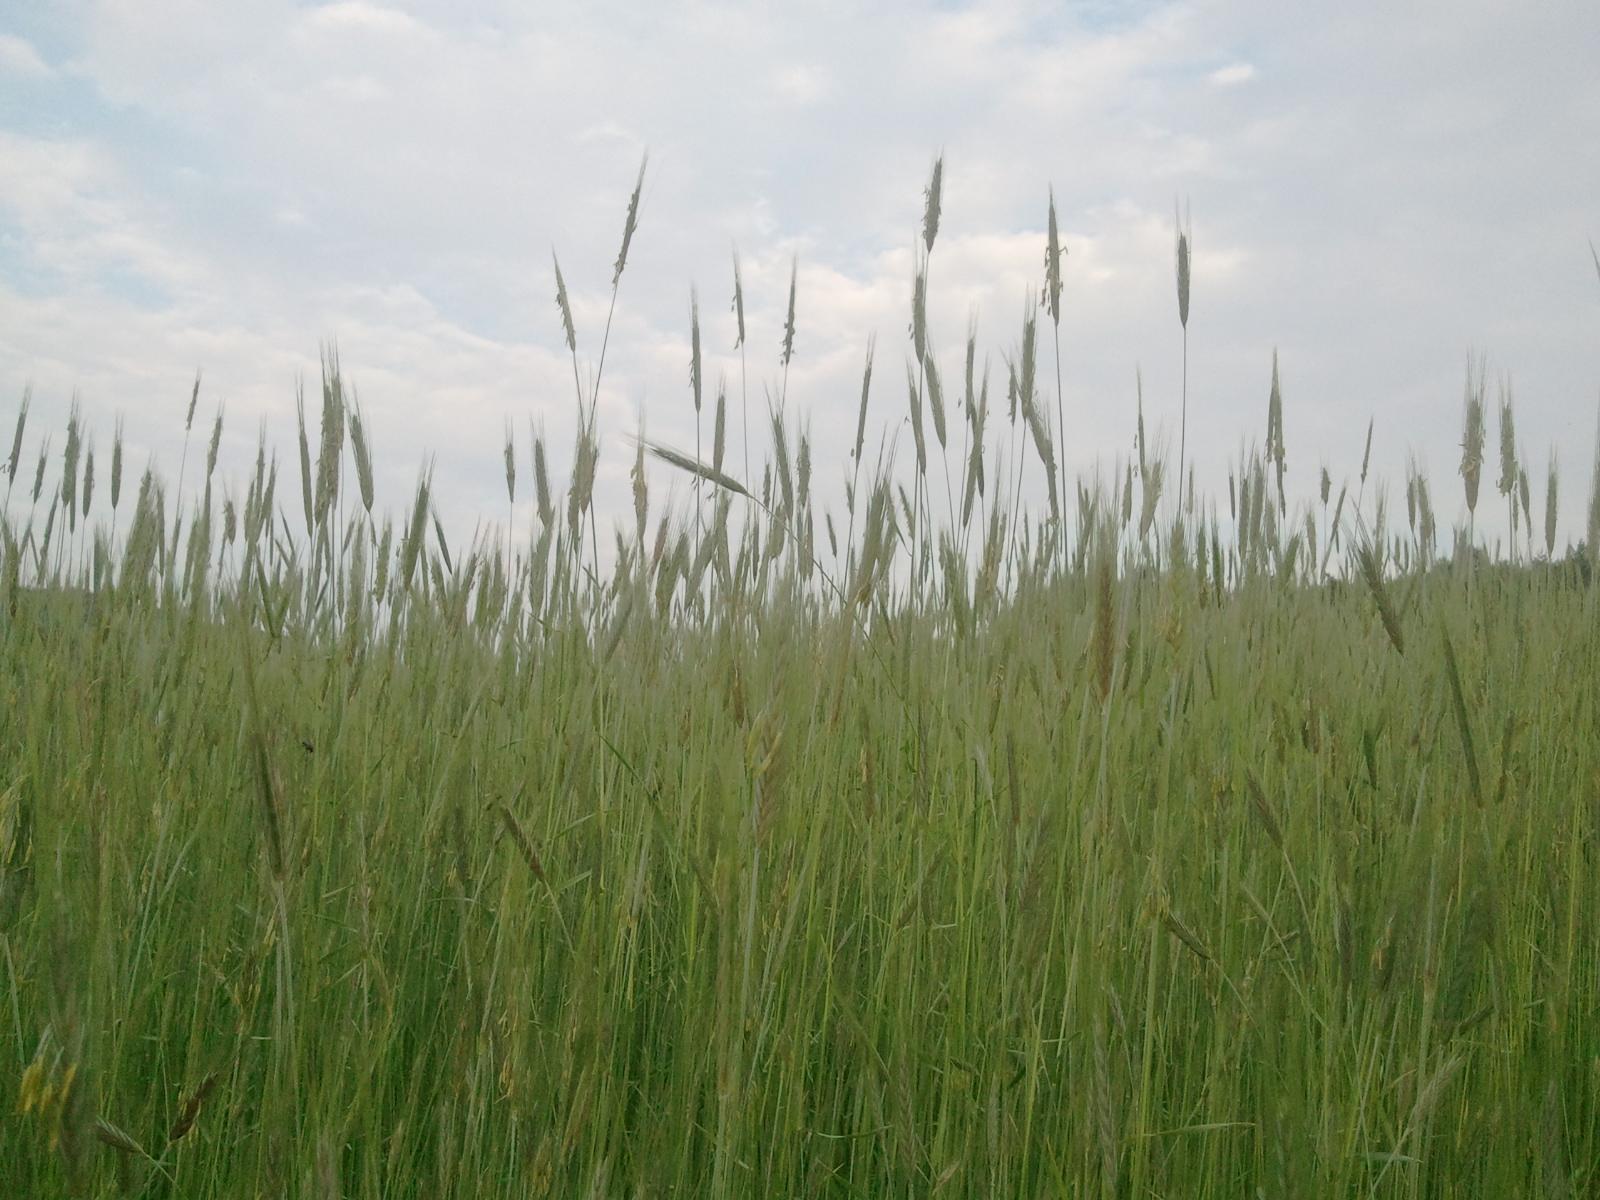 2011.05.23. 유촌리 밀밭